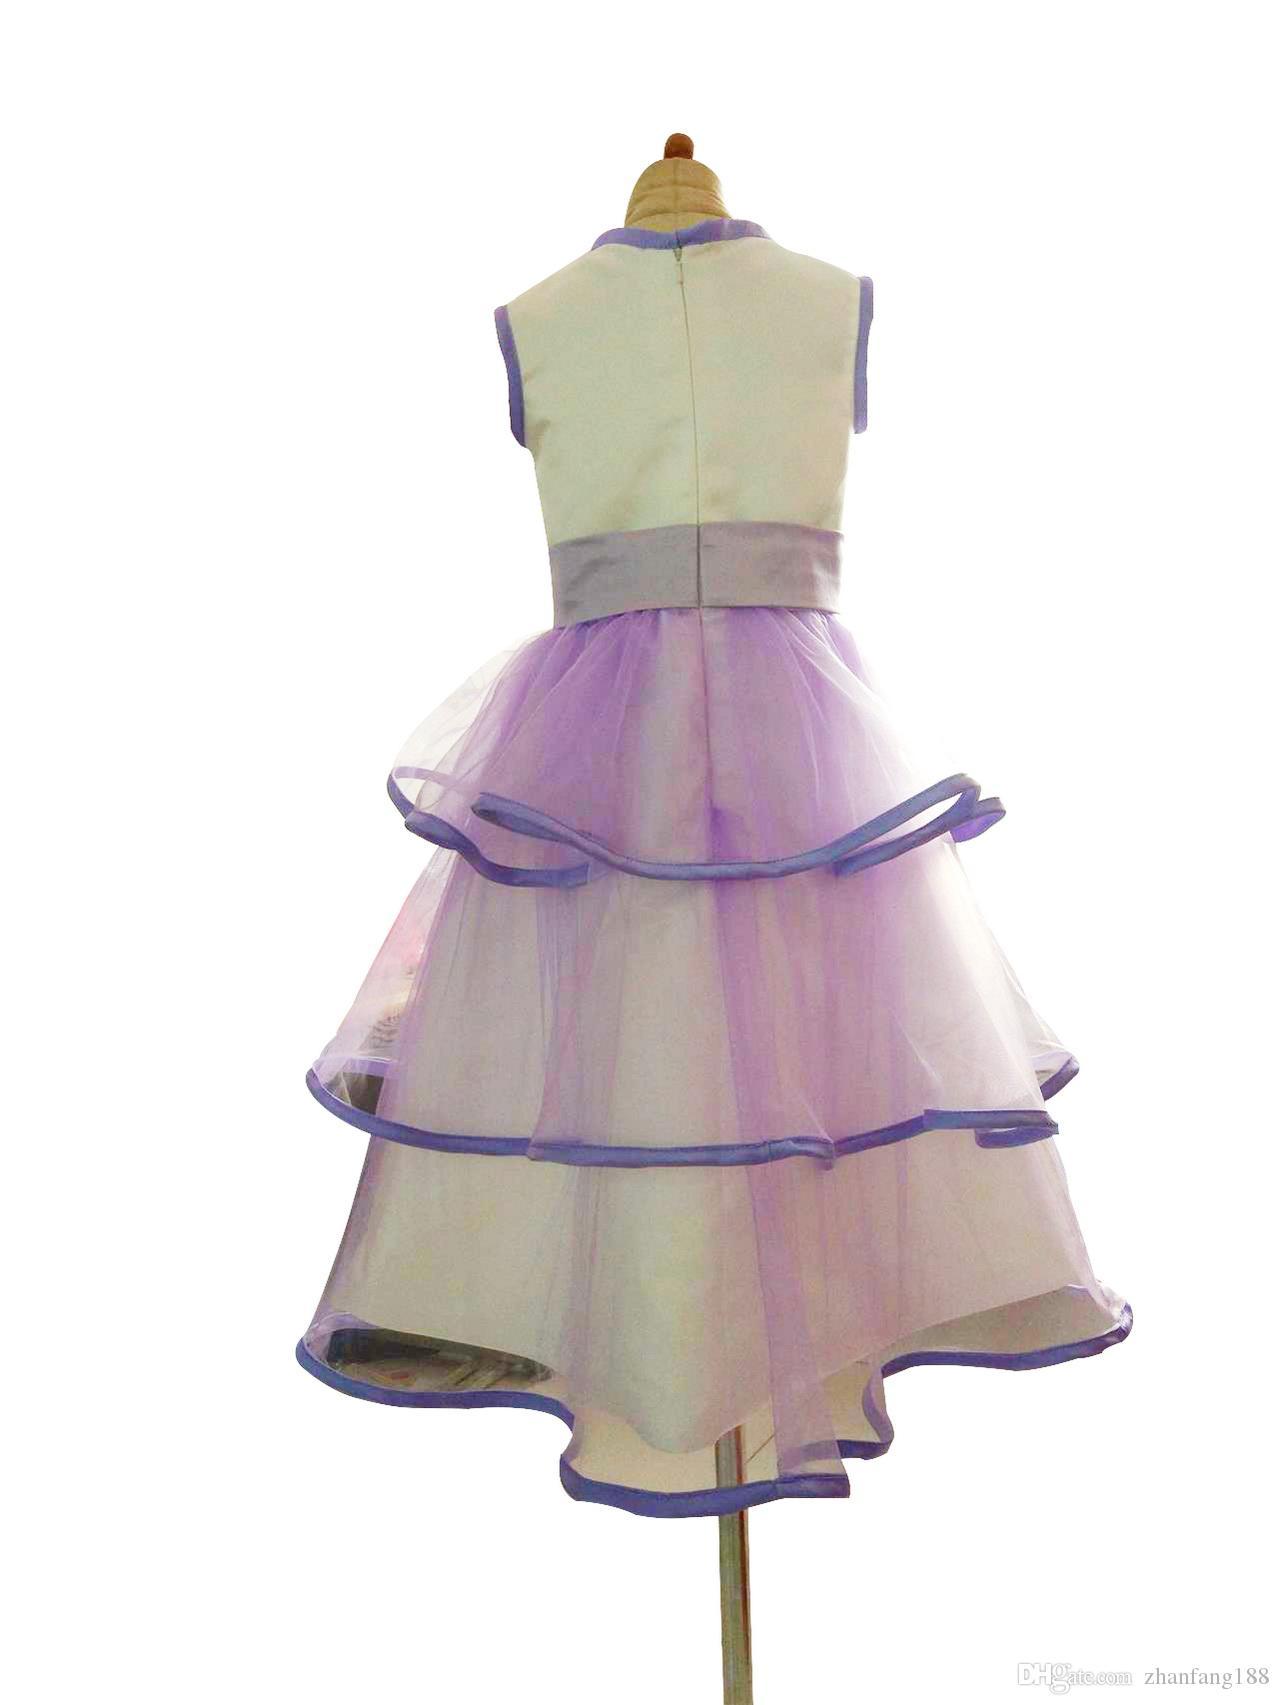 2019 heiße neue Erstkommunion Kleider für Mädchen Kurzarm Schaufel Blume Perlen weiße Blumenmädchenkleider für Hochzeiten